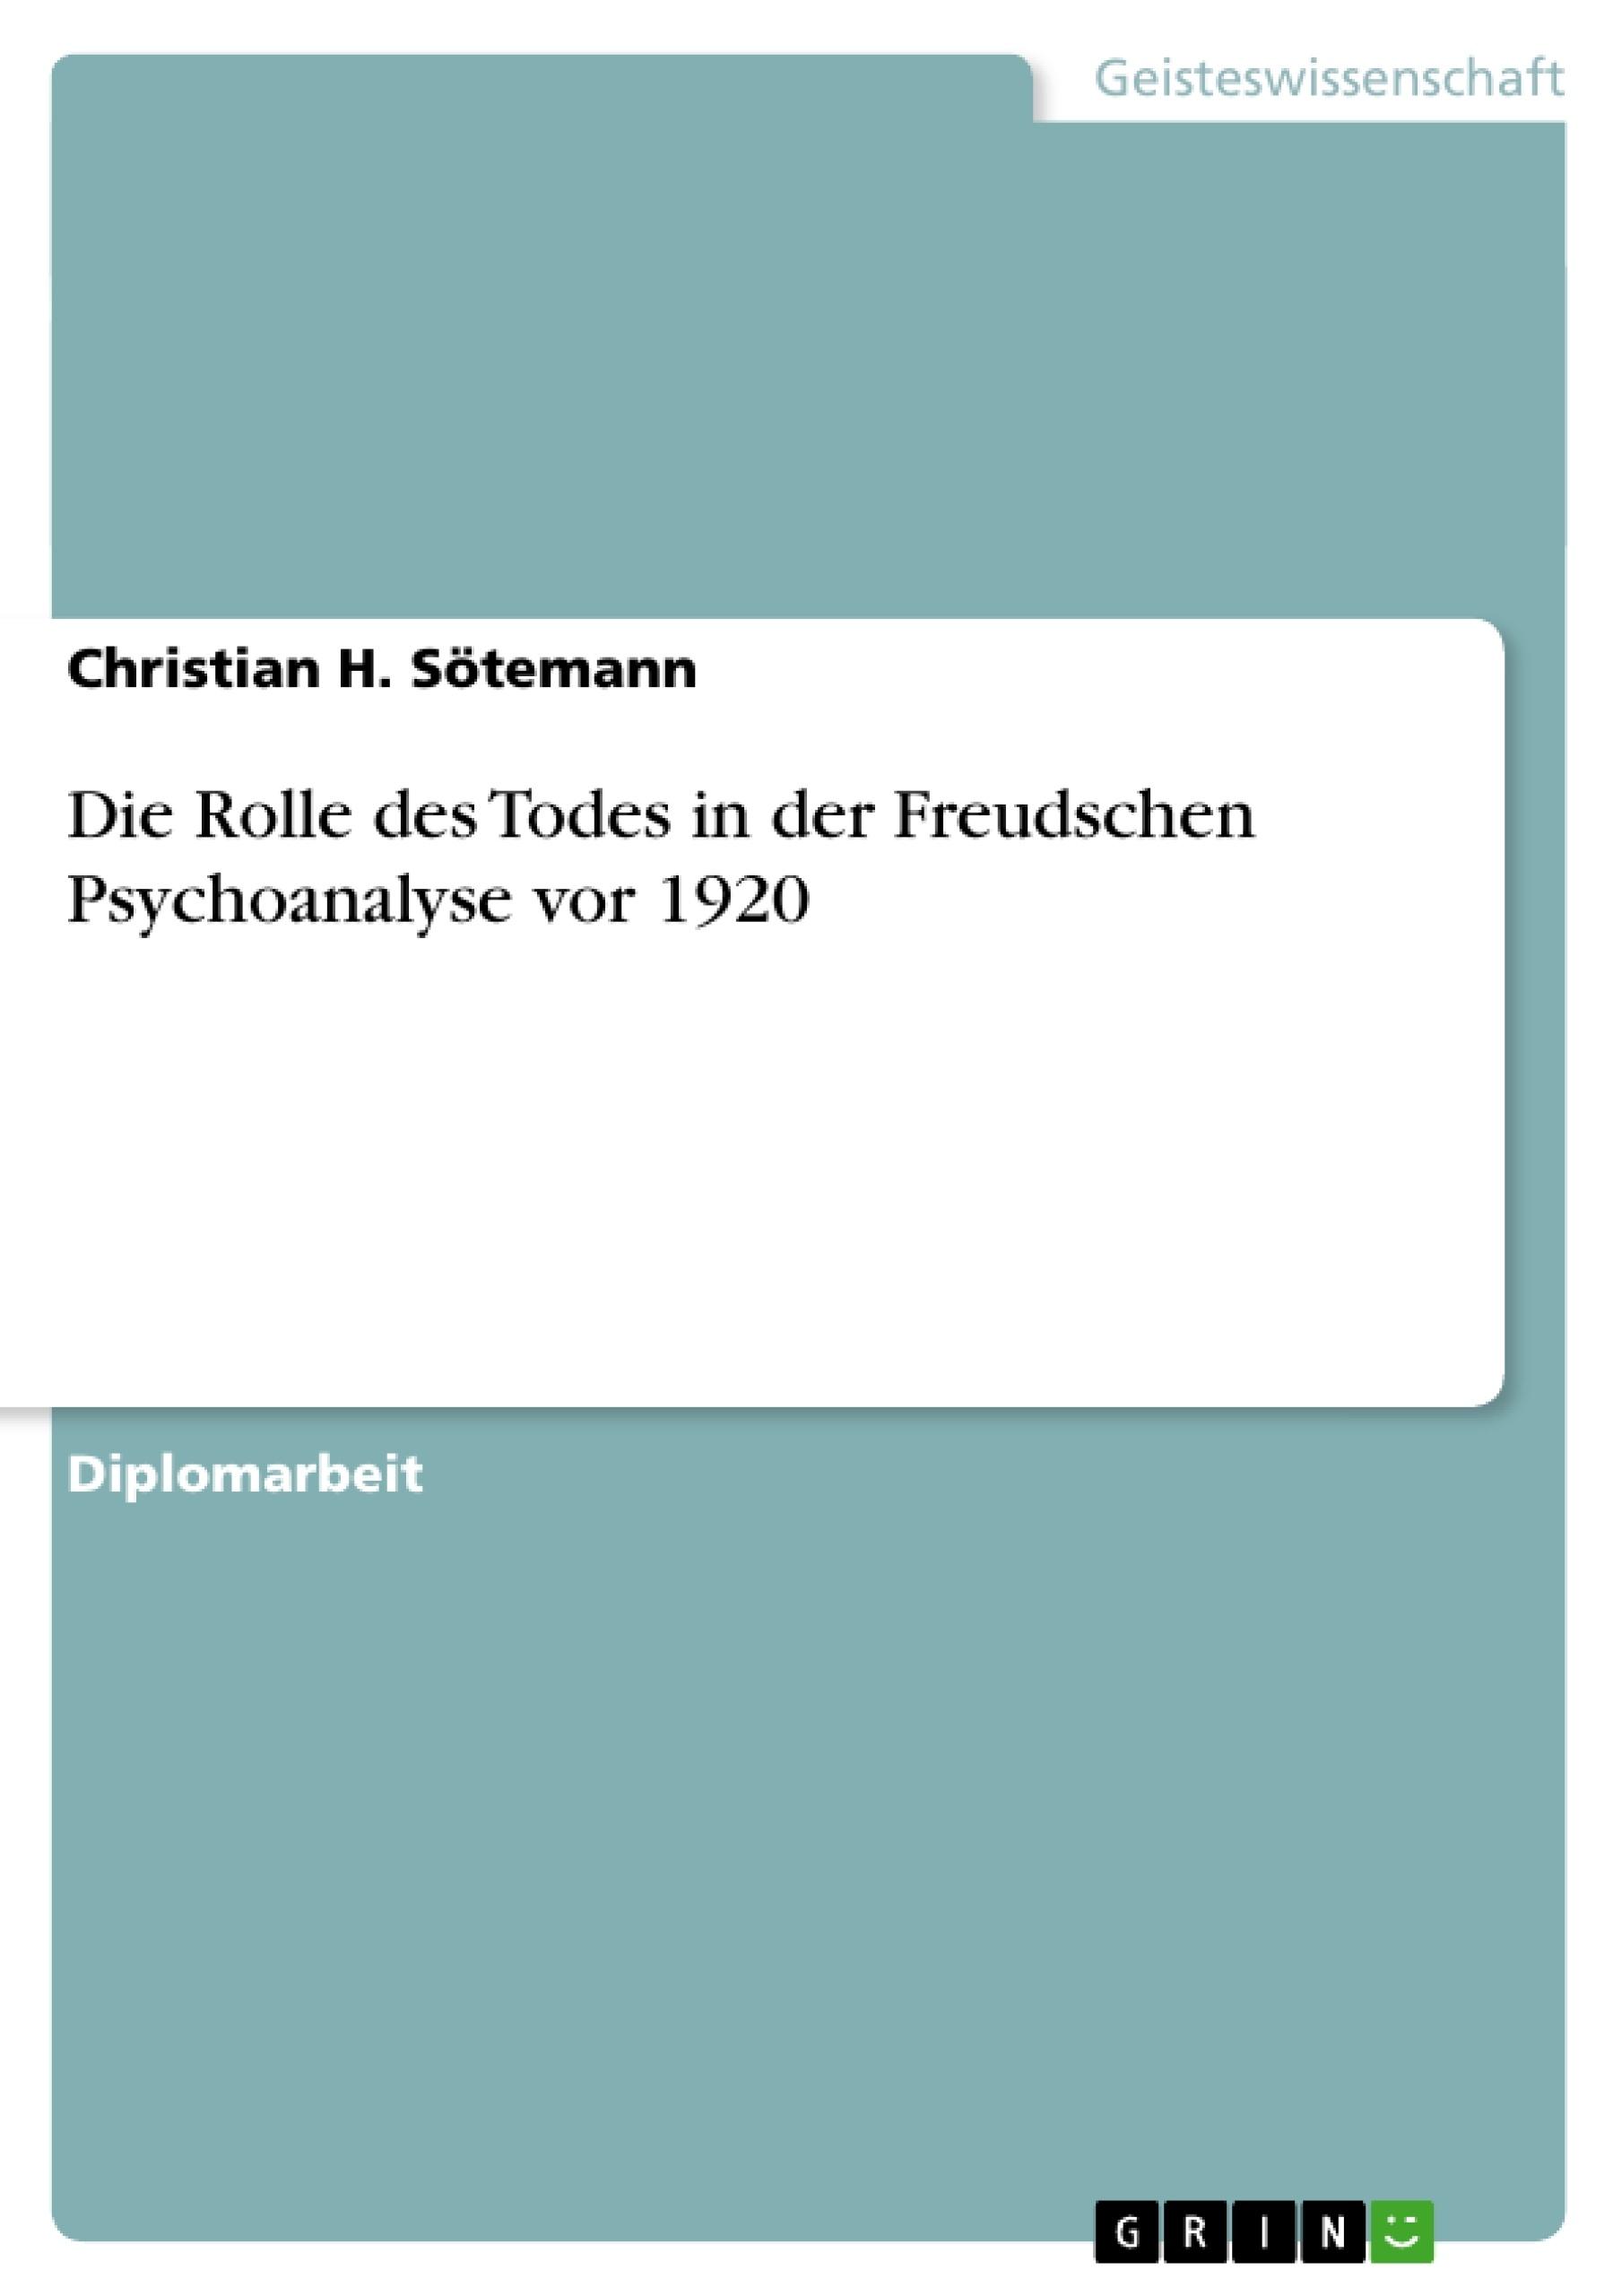 Titel: Die Rolle des Todes in der Freudschen Psychoanalyse vor 1920